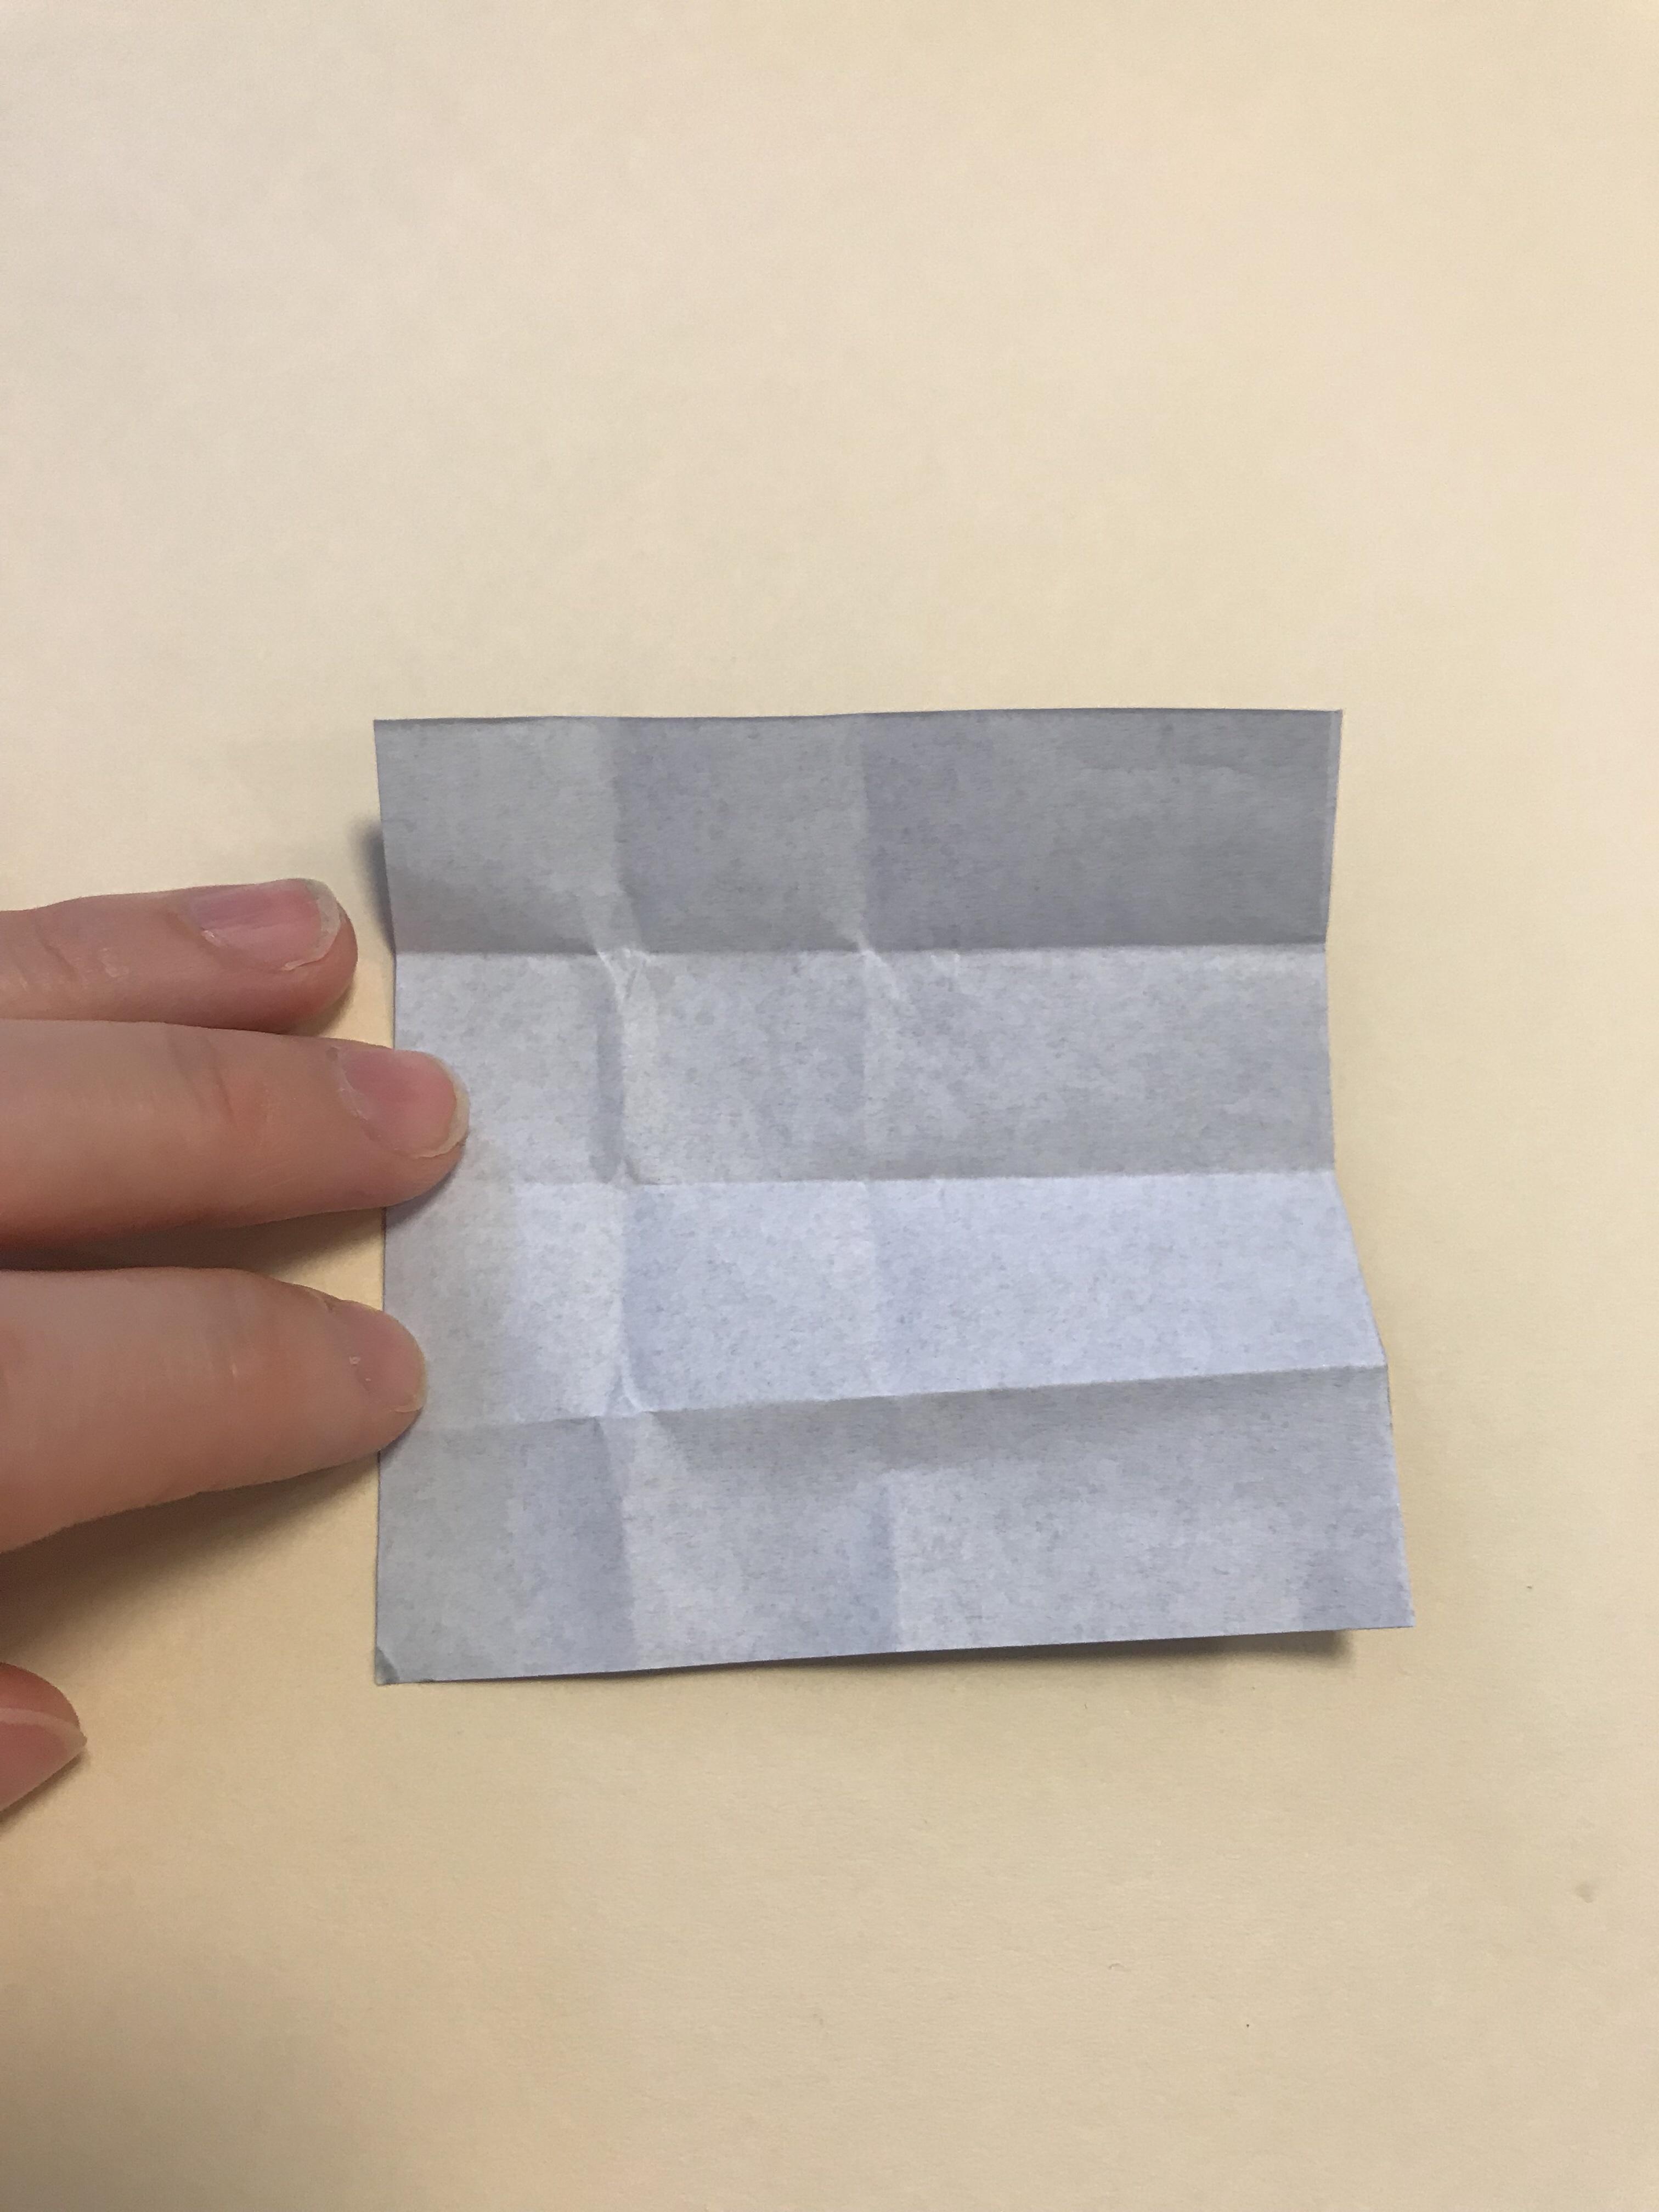 折り線のついた黒い折り紙。